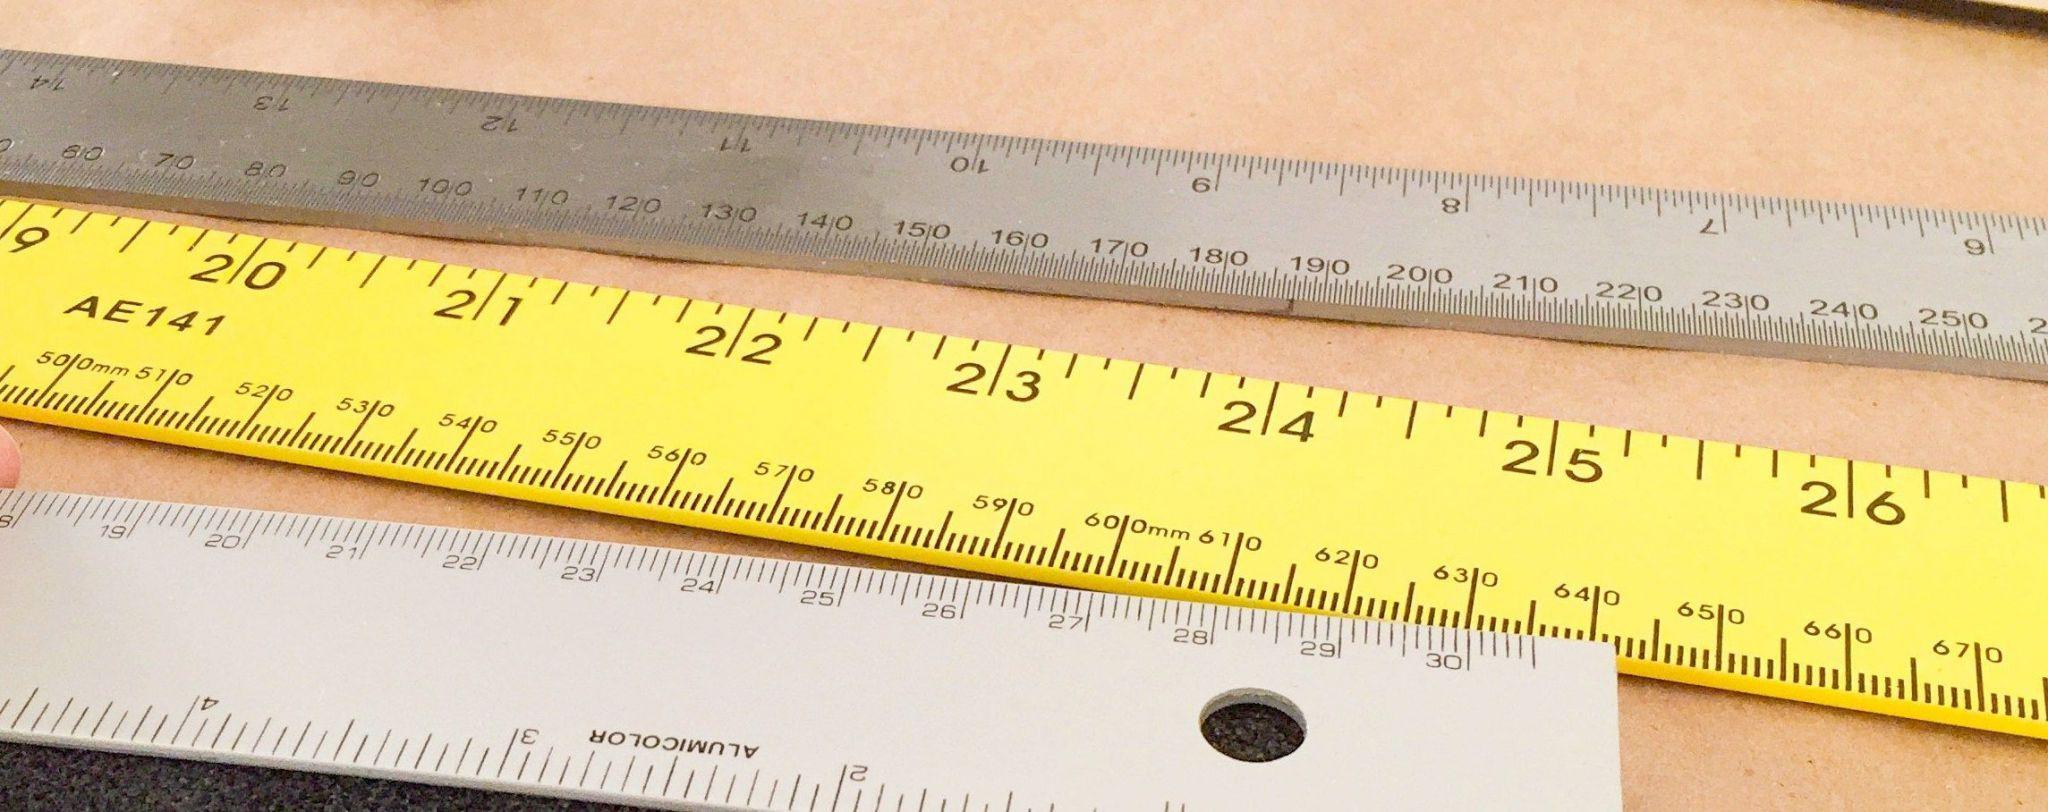 Blank Tape Measure Worksheet